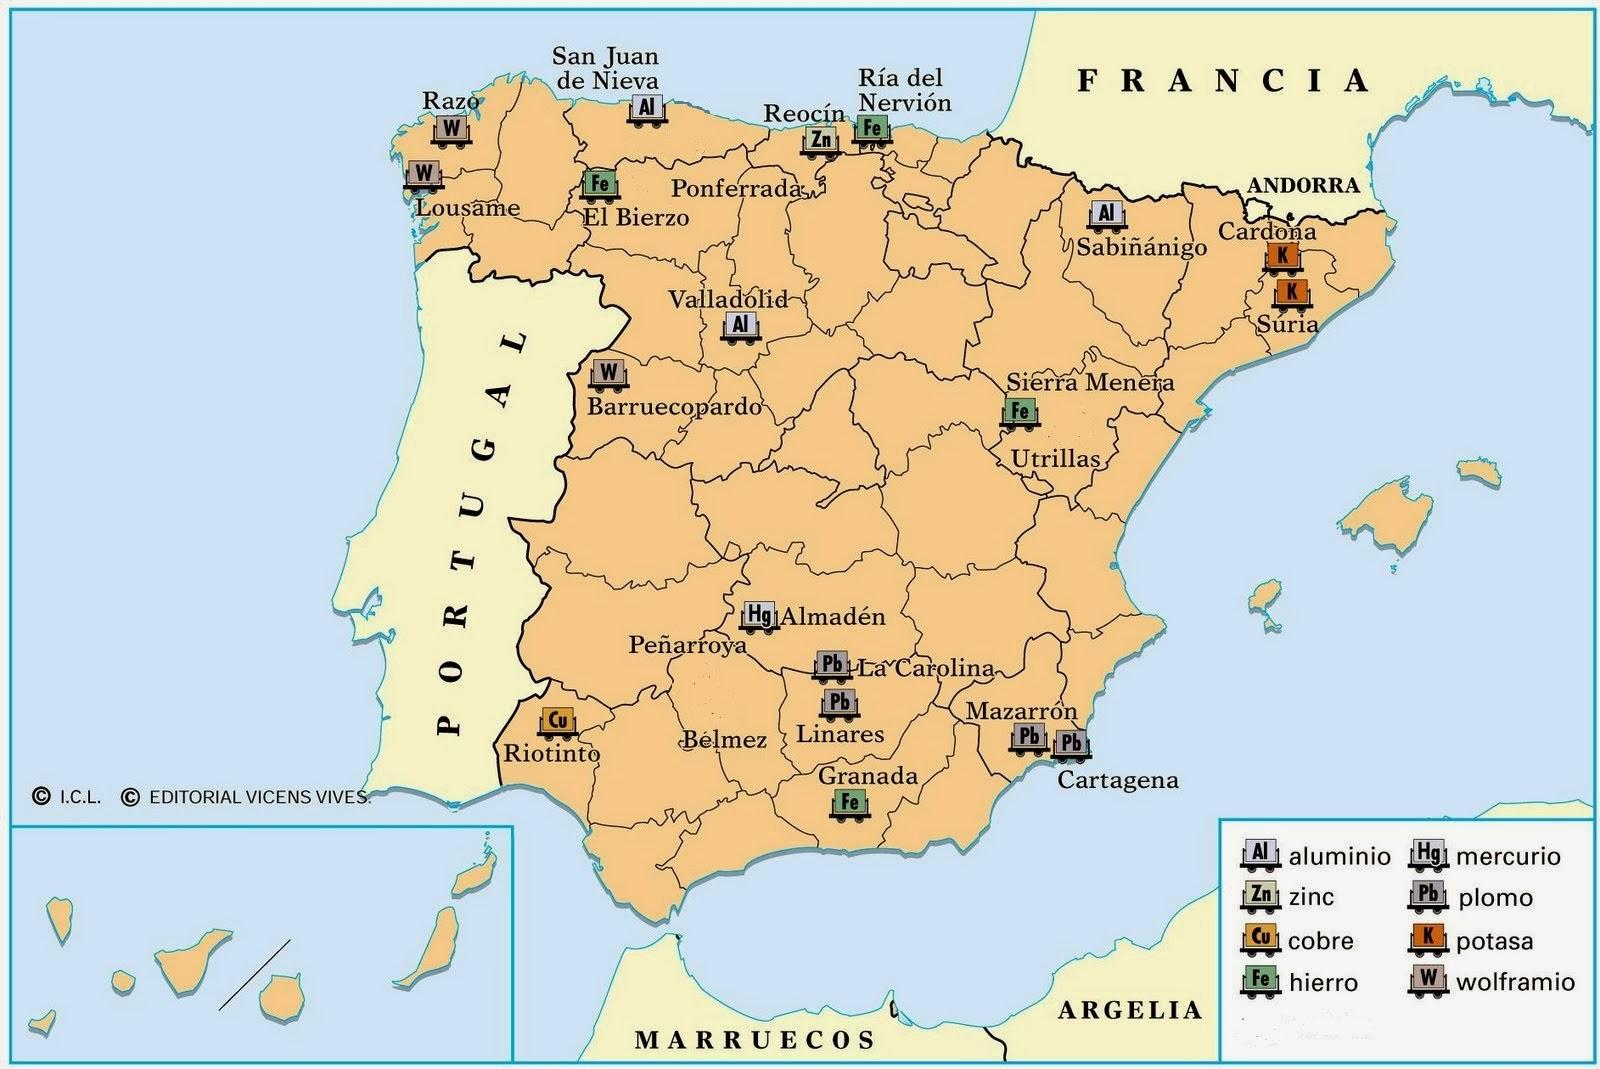 Blog de biologia mapa de yacimientos en espa a - Granito en espana ...